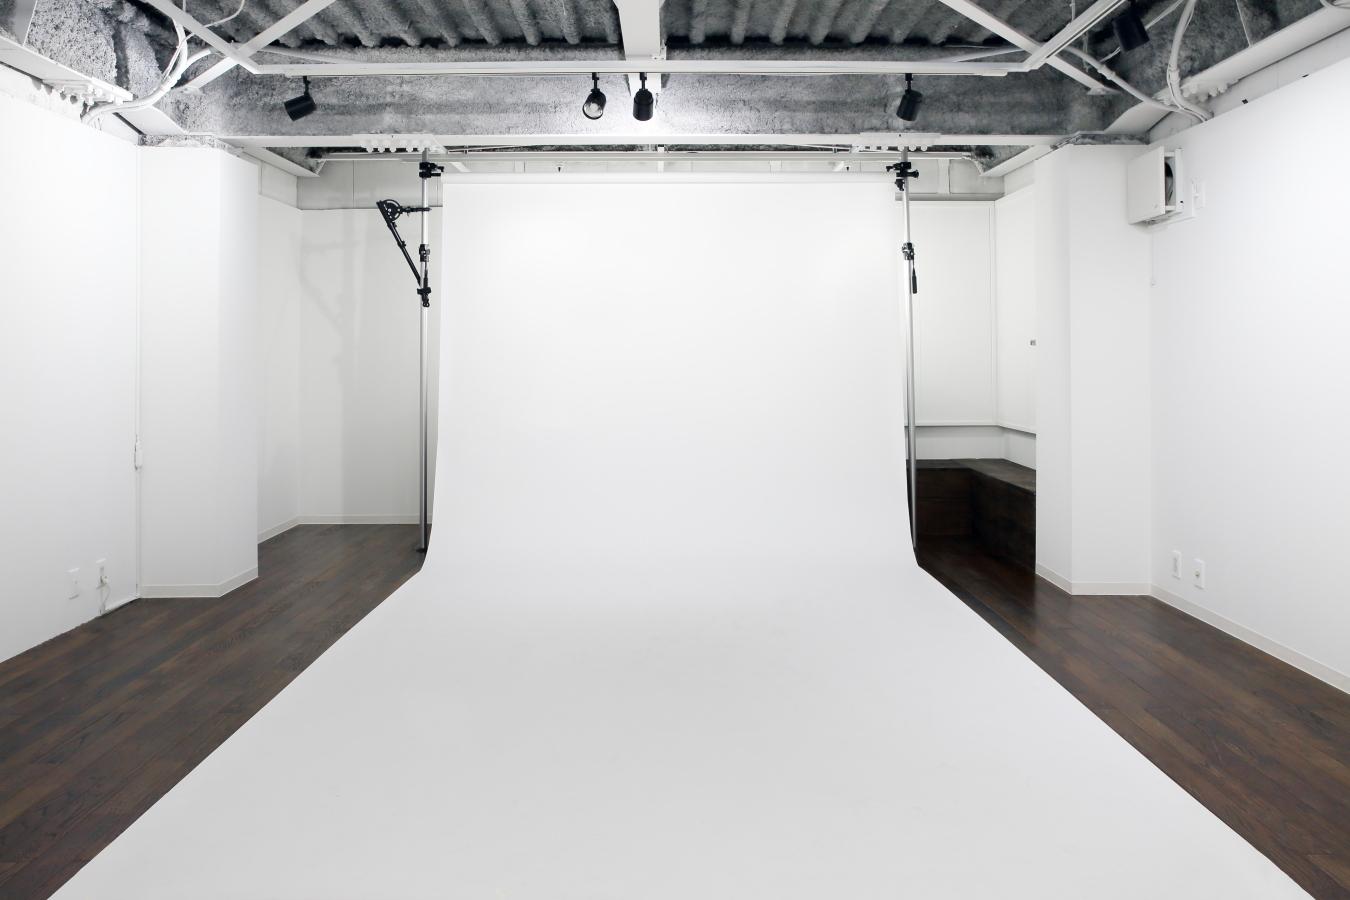 白背景紙の他、グリーンバックや黒背景等のオプションもございます。 - 撮影スタジオ、フリースペースシー 撮影スタジオ、フリースペースの室内の写真